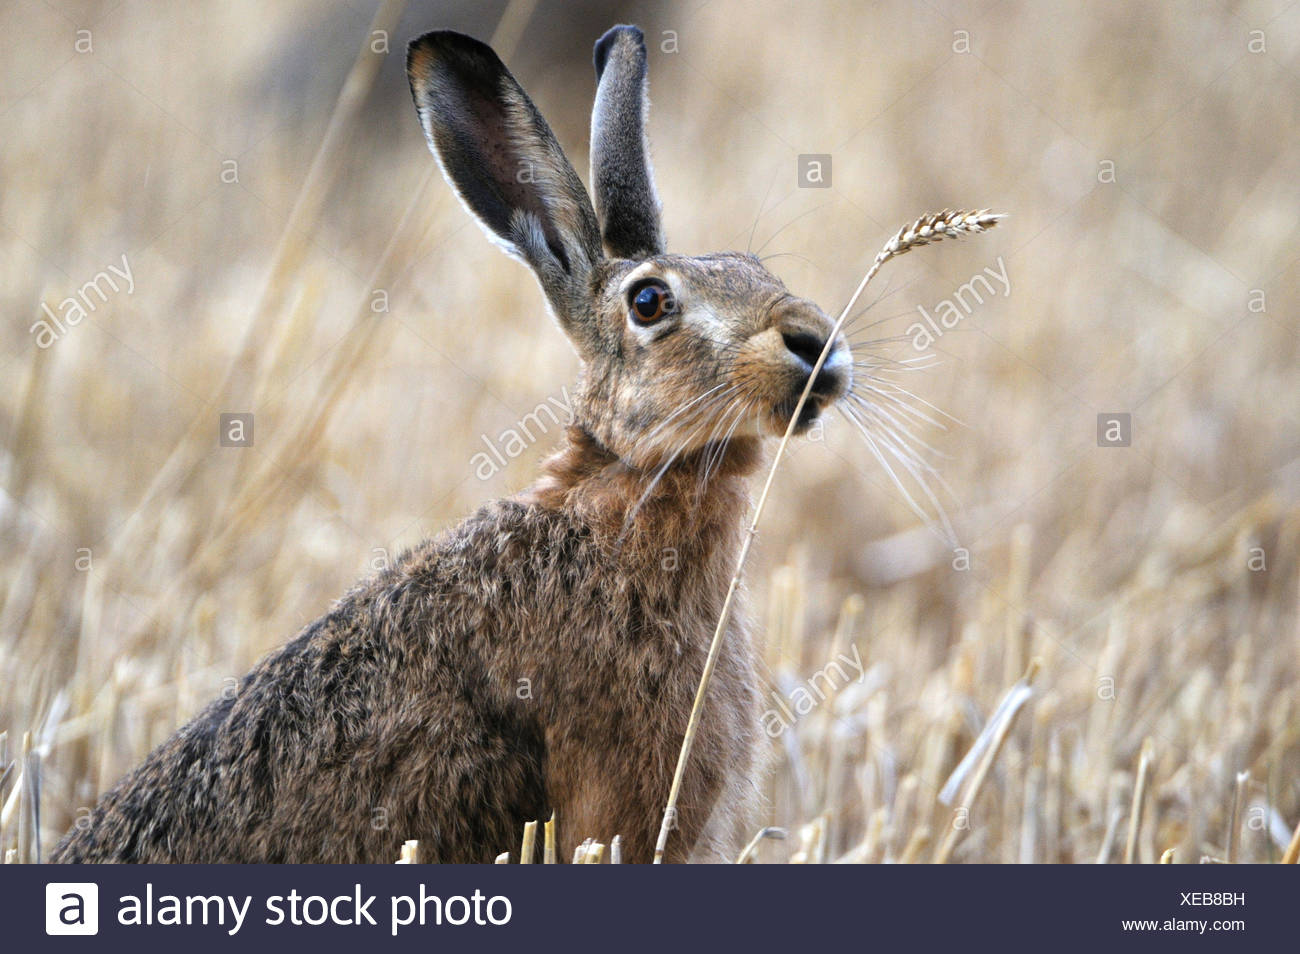 Conejo liebre Lepus europaeus Pallas conejito liebre Marrón Luz campo de rastrojo de alimentación en verano cosecha el grano-campo maizal anim Imagen De Stock